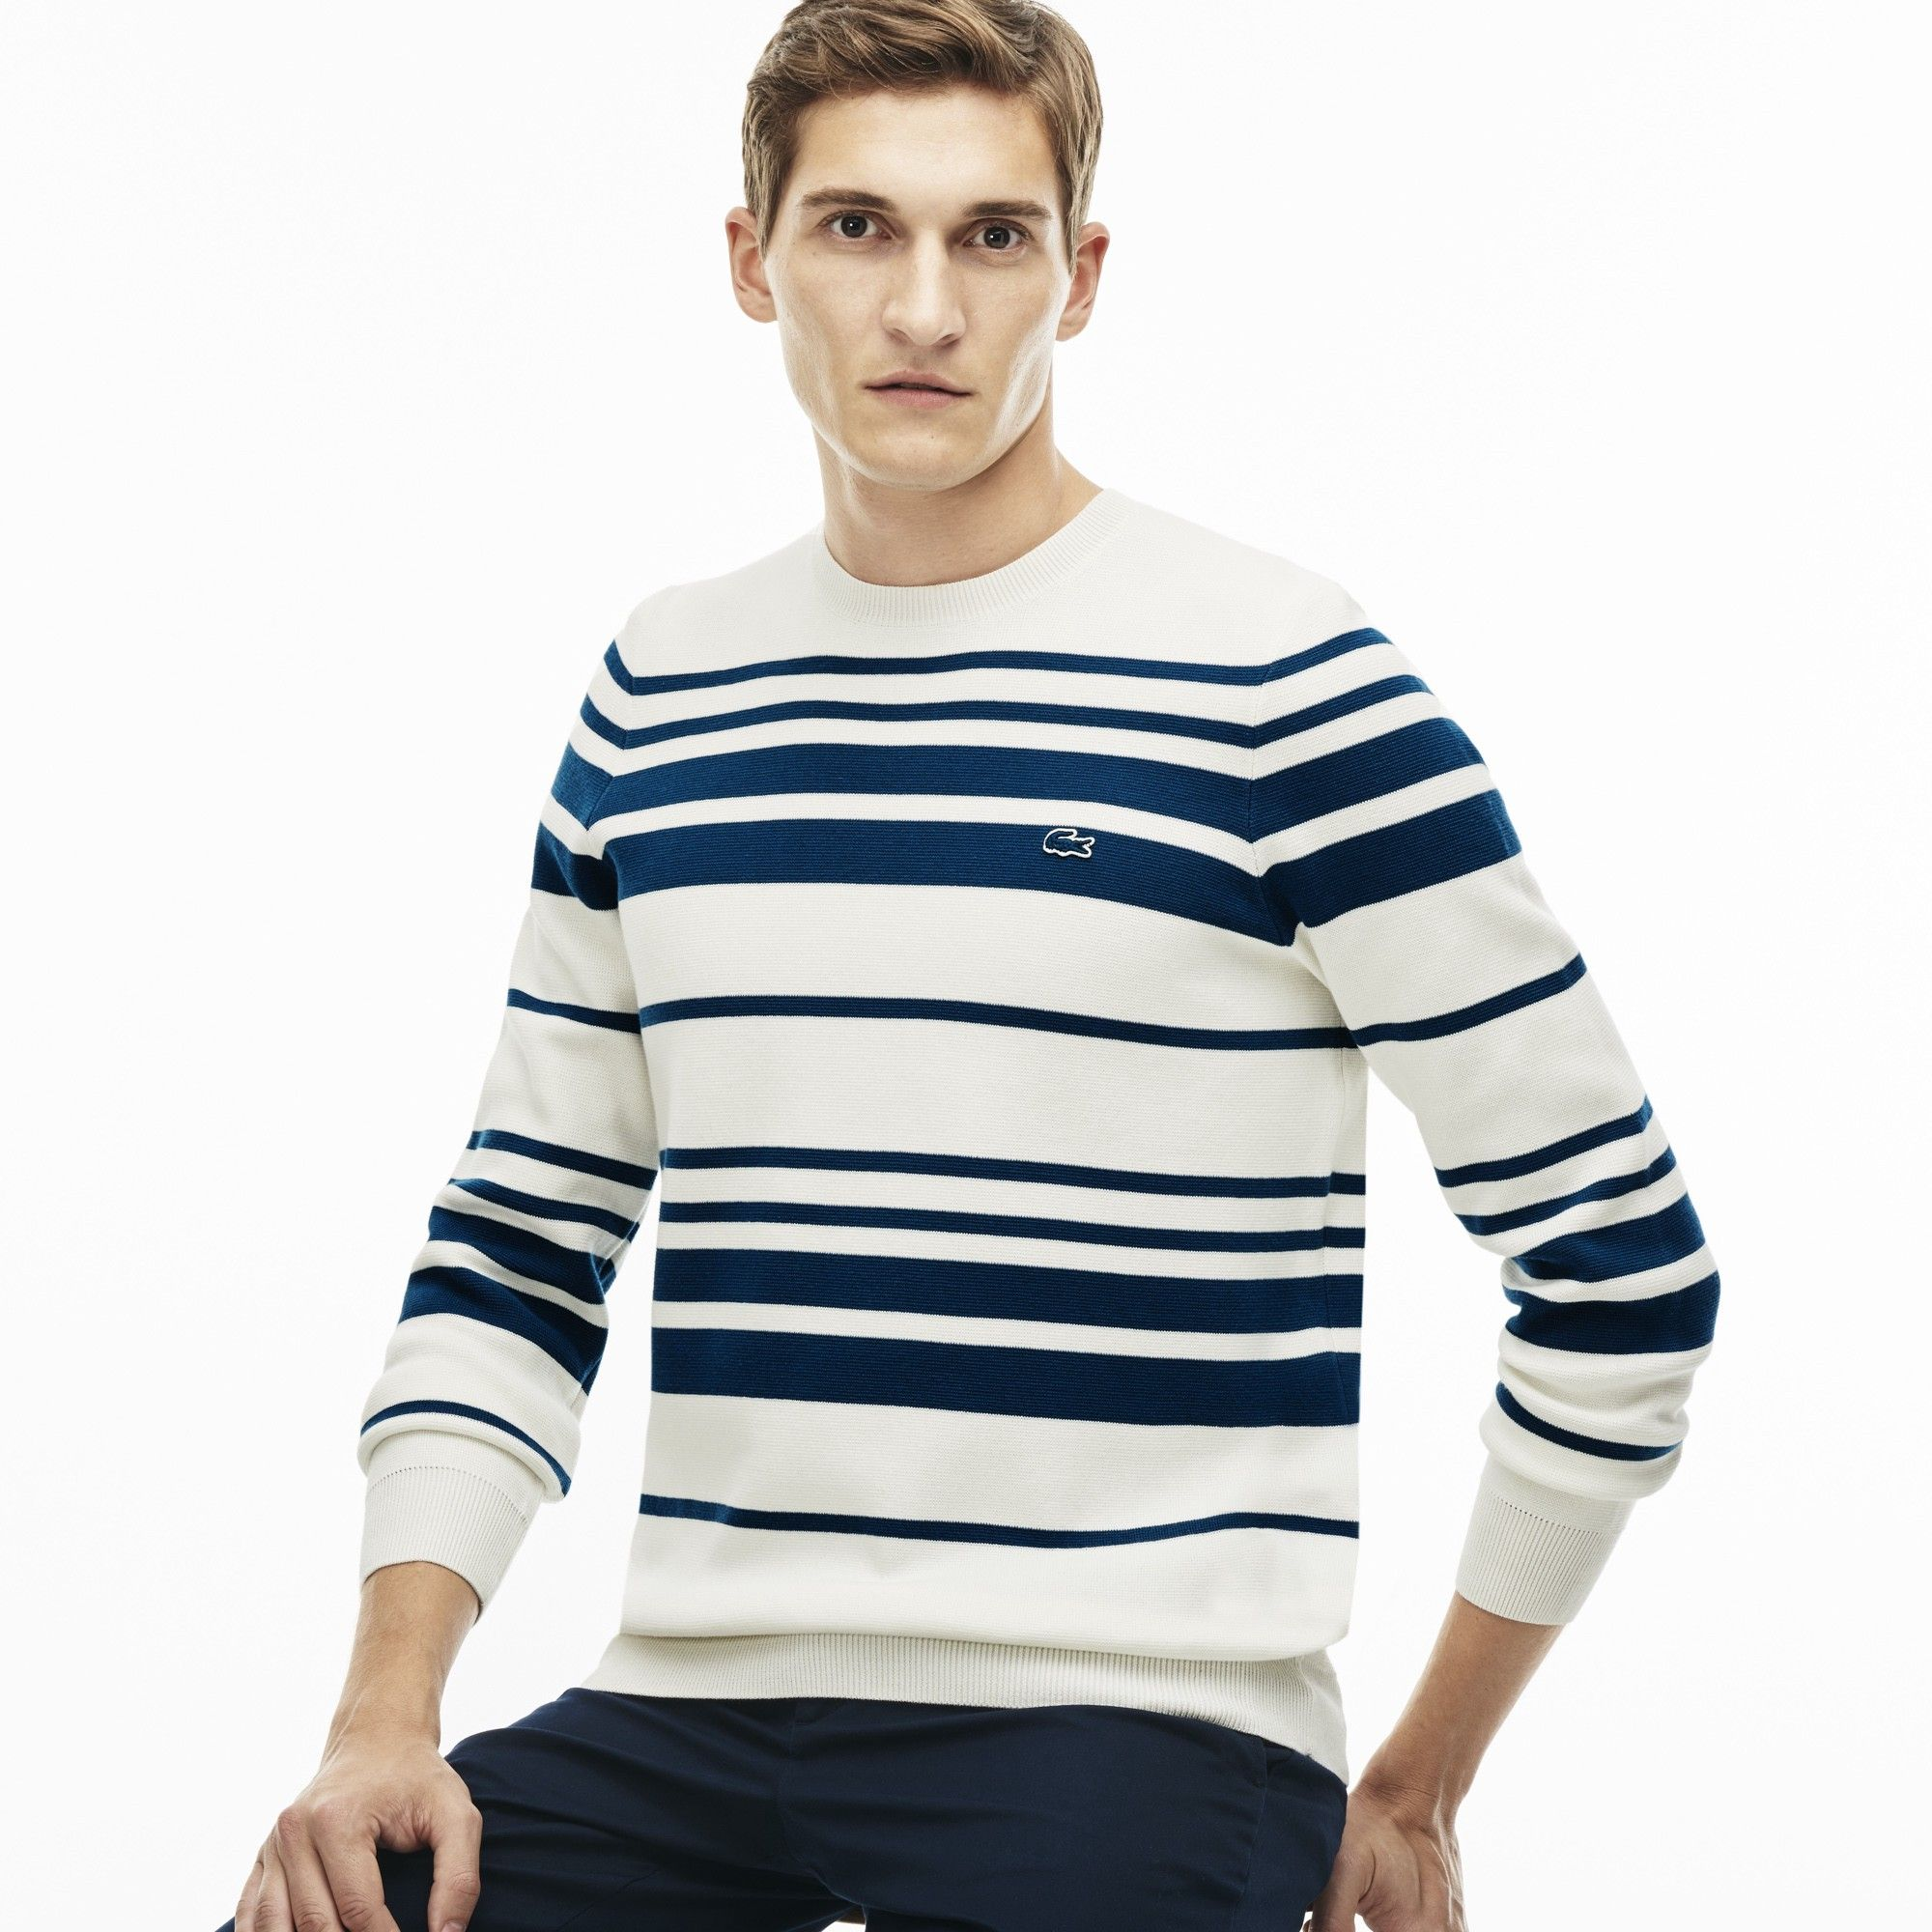 0419738117b4 LACOSTE Men s Crew Neck Striped Milano Cotton Sweater - flour legion blue.   lacoste  cloth